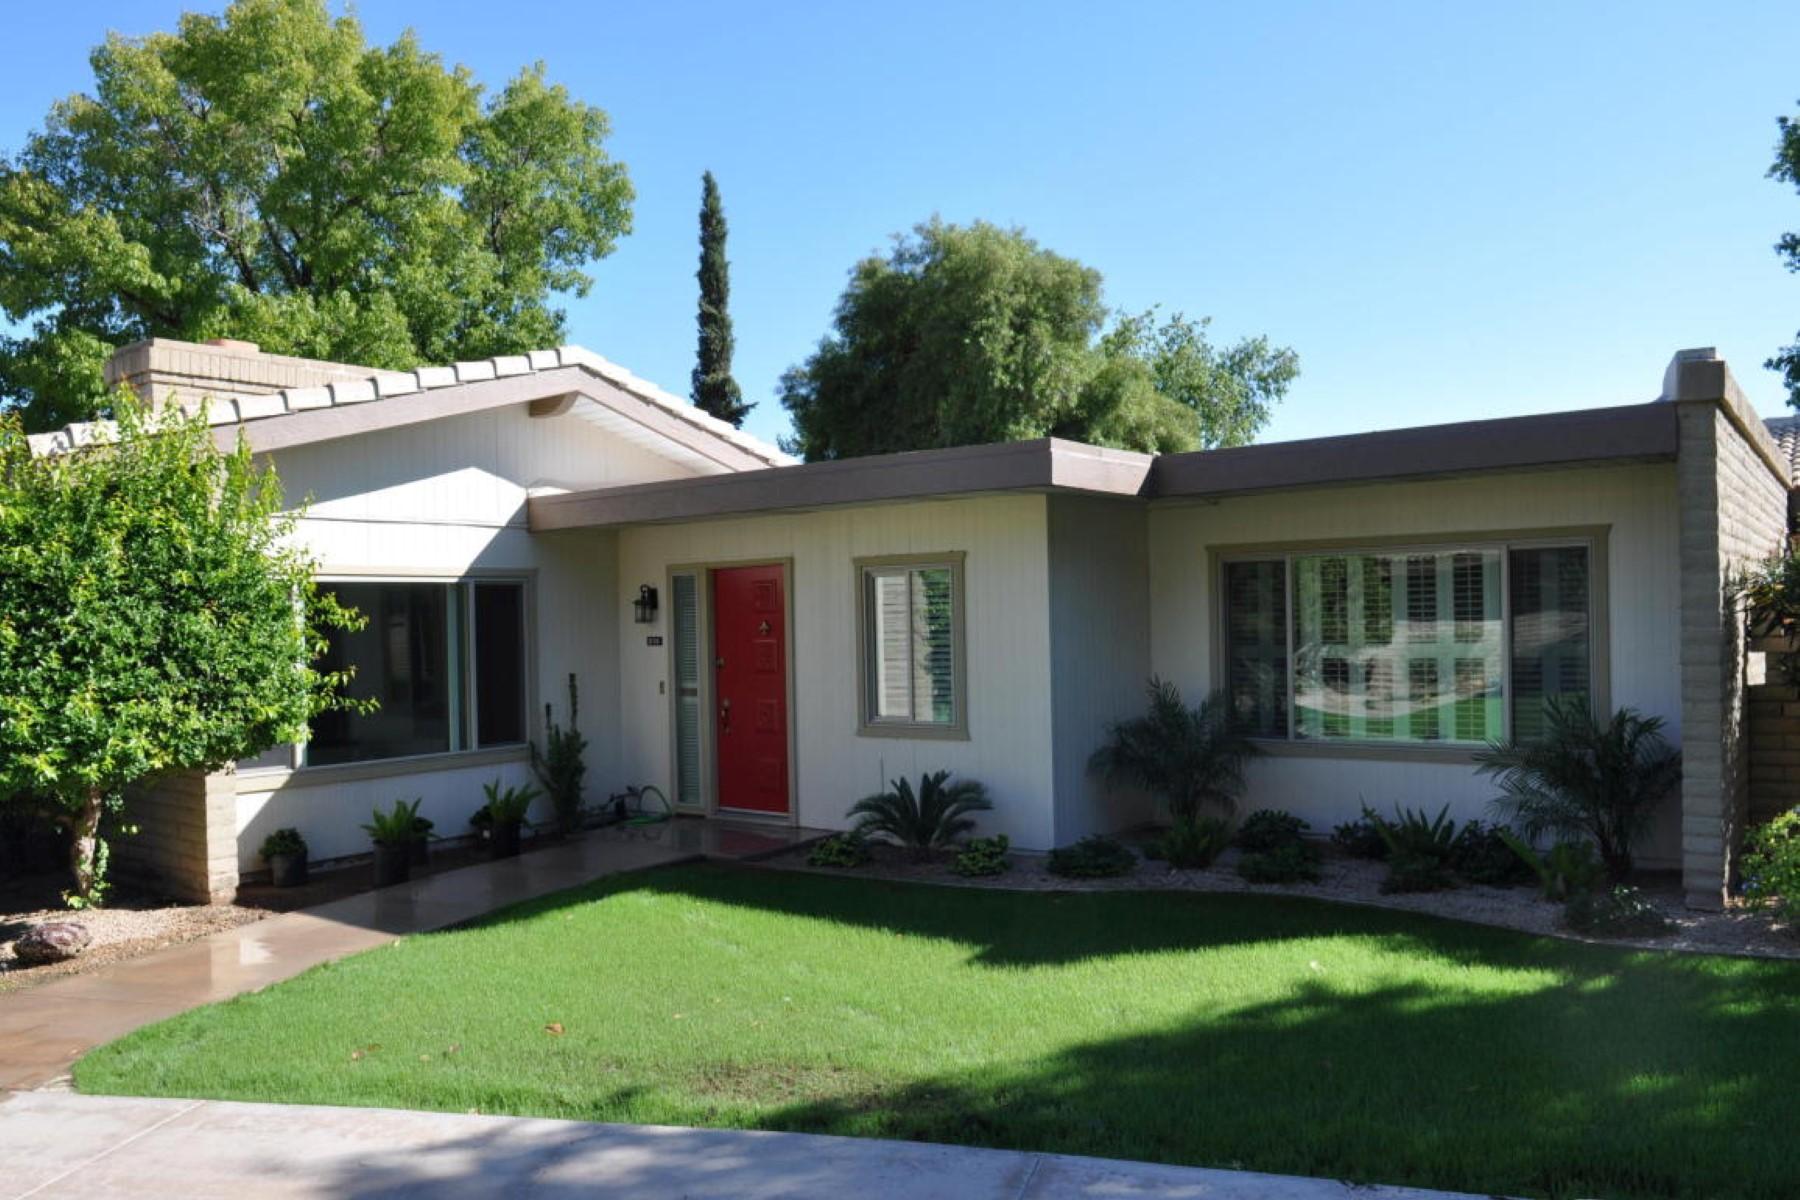 联栋屋 为 销售 在 Completely remodeled contemporary home 4800 N 68th St 215 Scottsdale, 亚利桑那州 85251 美国